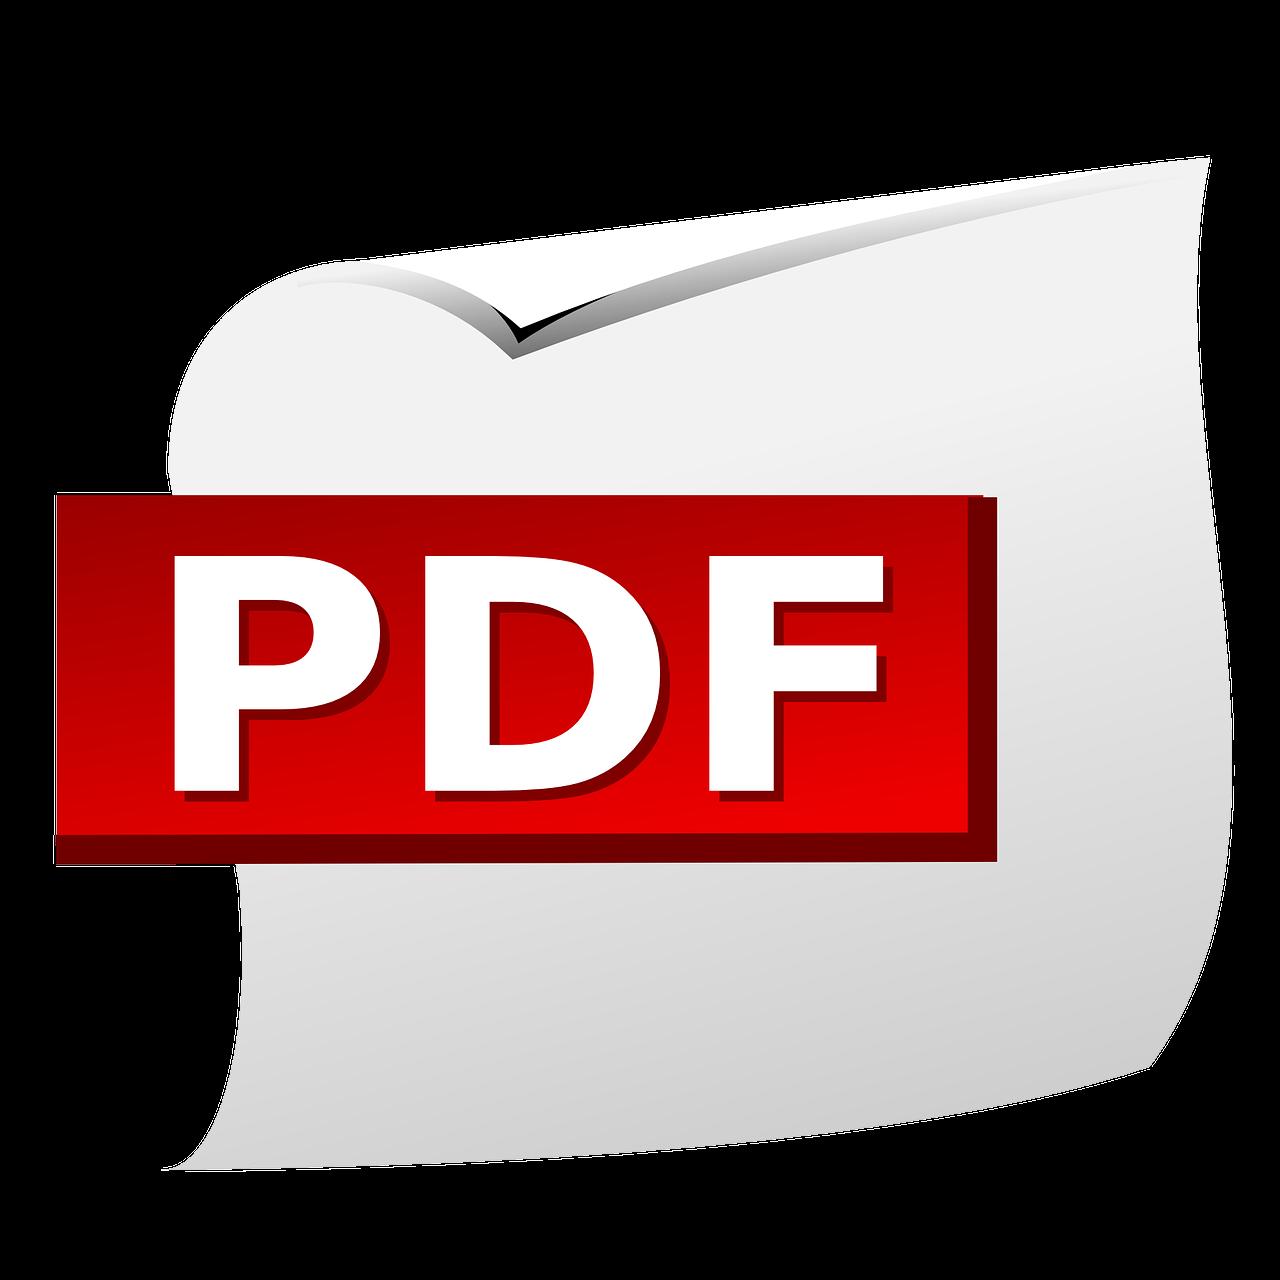 كيفية ضغط ملفات pdf في ملف واحد